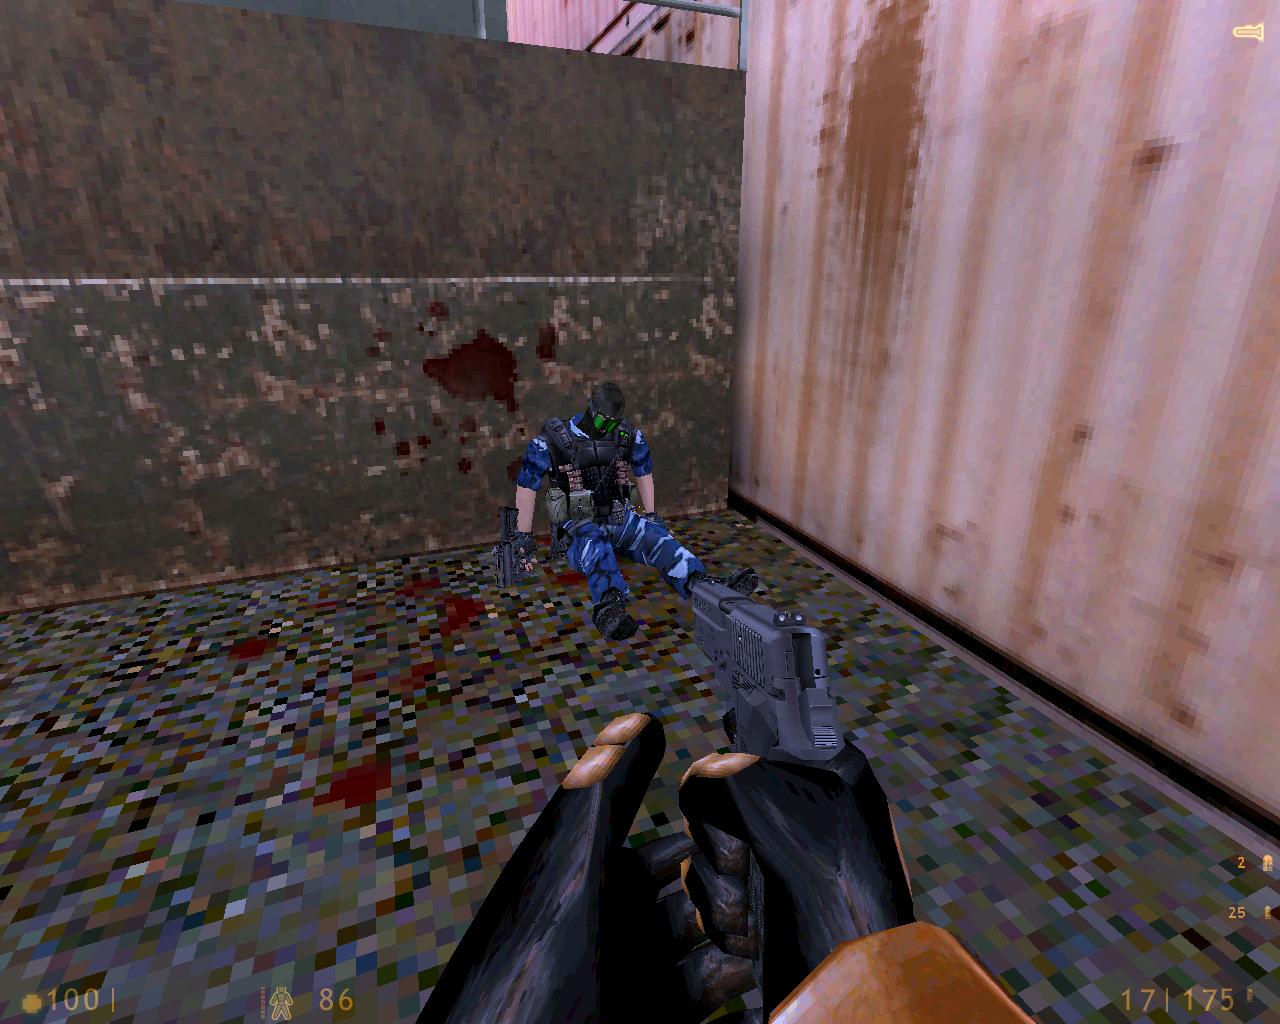 pcsm5d0142.png - Half-Life